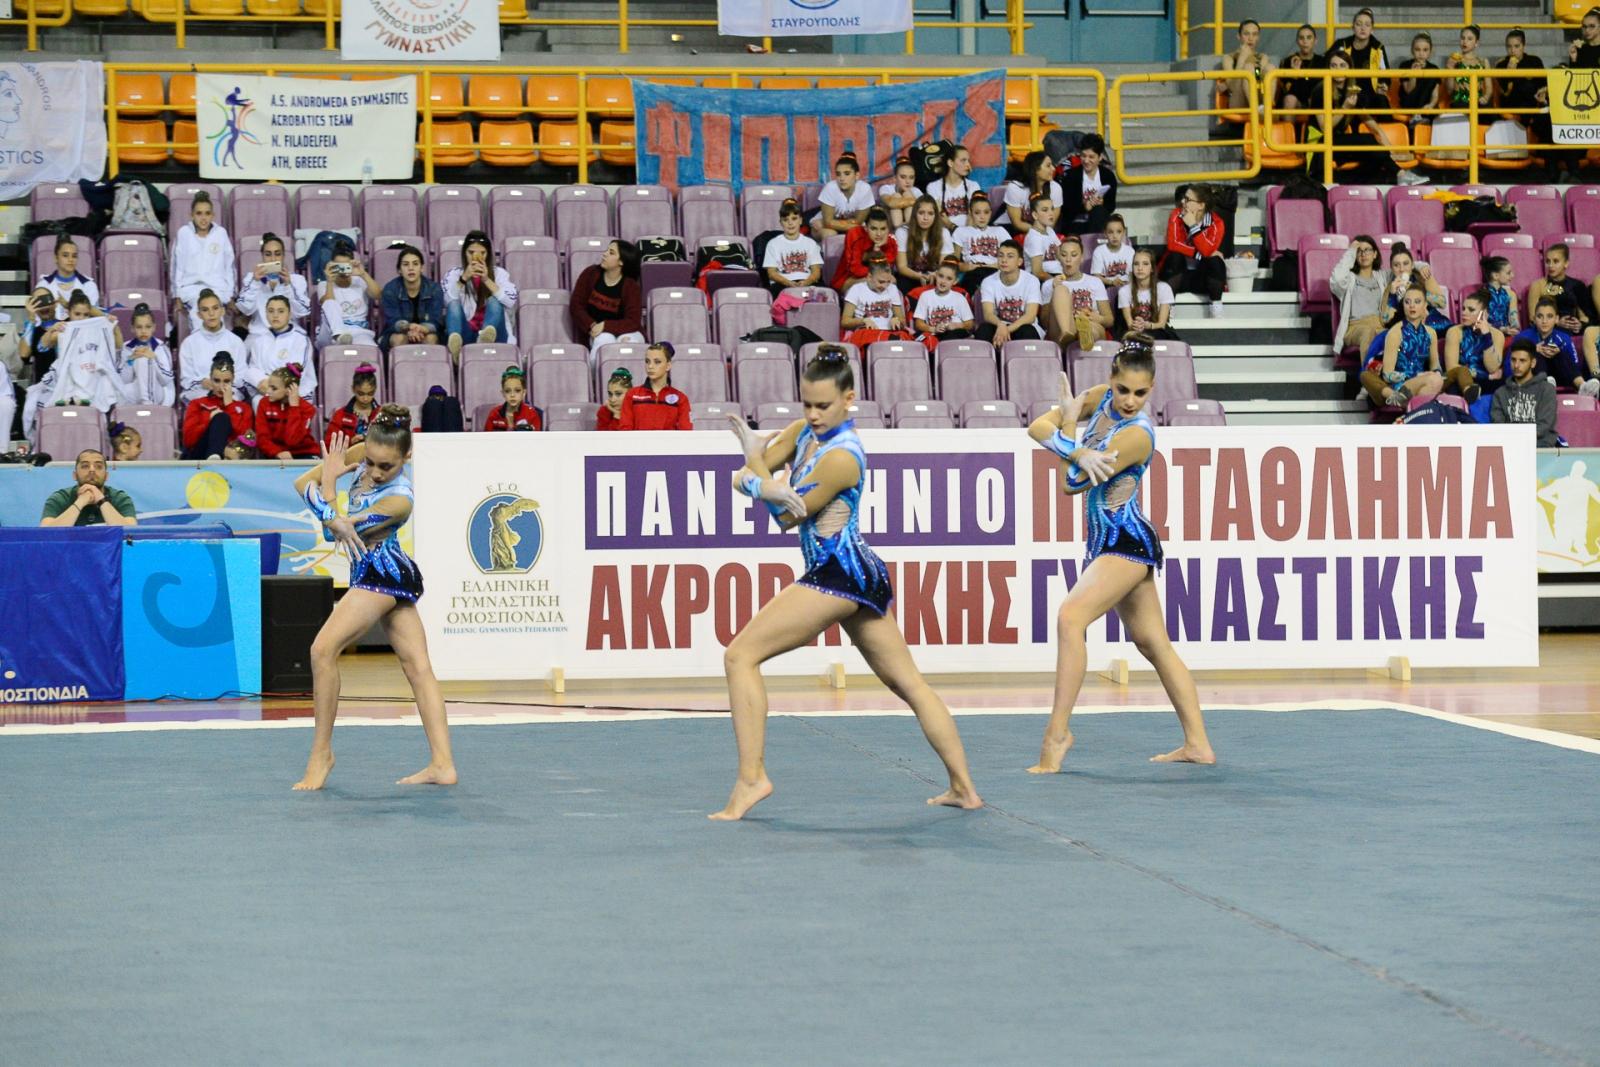 acro-panellinio2019_24